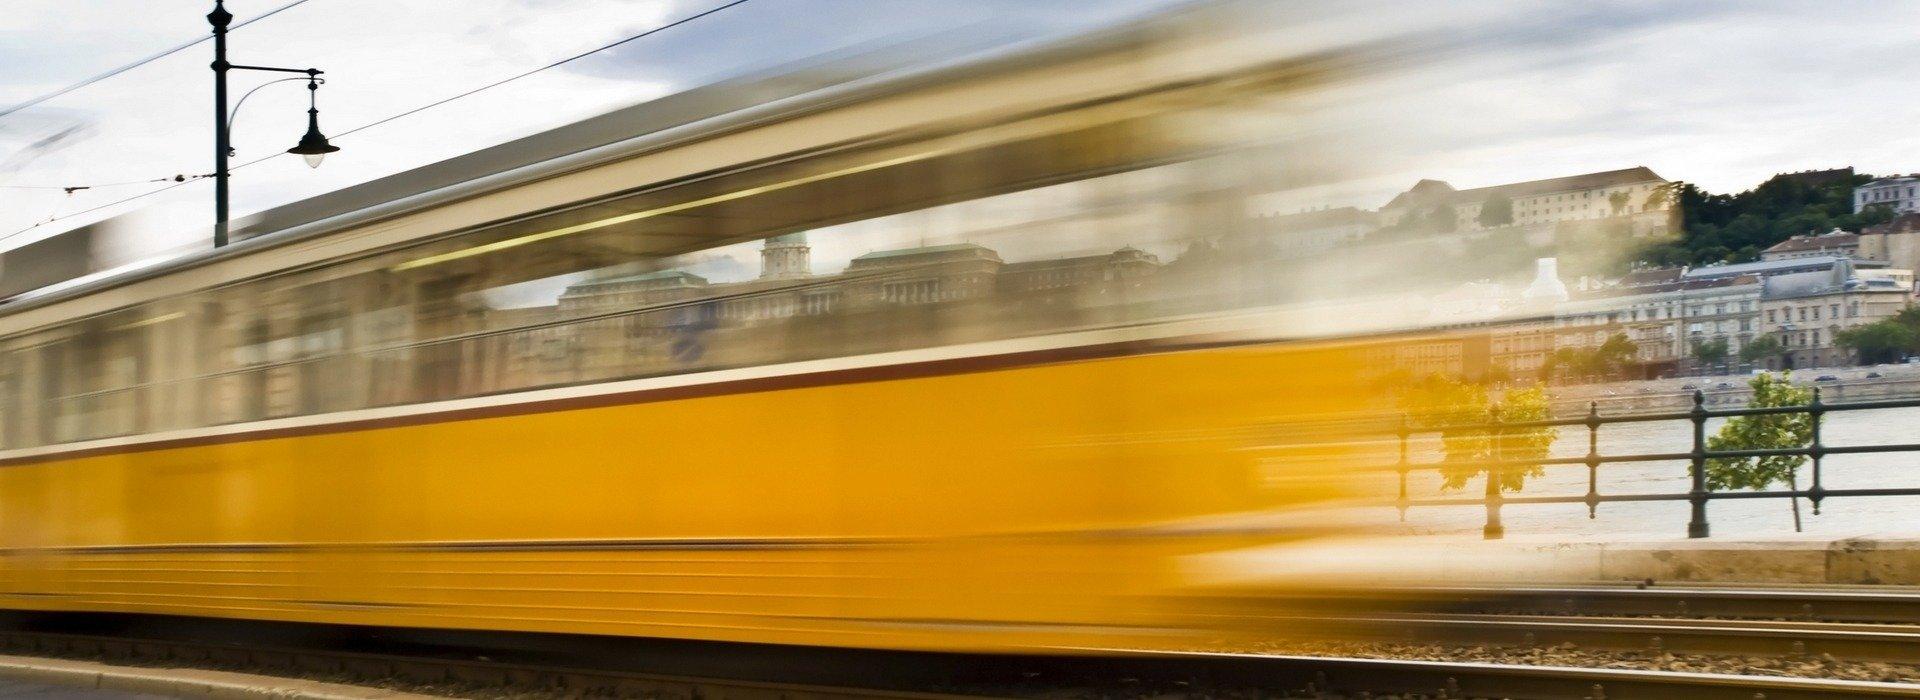 Reise innerhalb Budapest